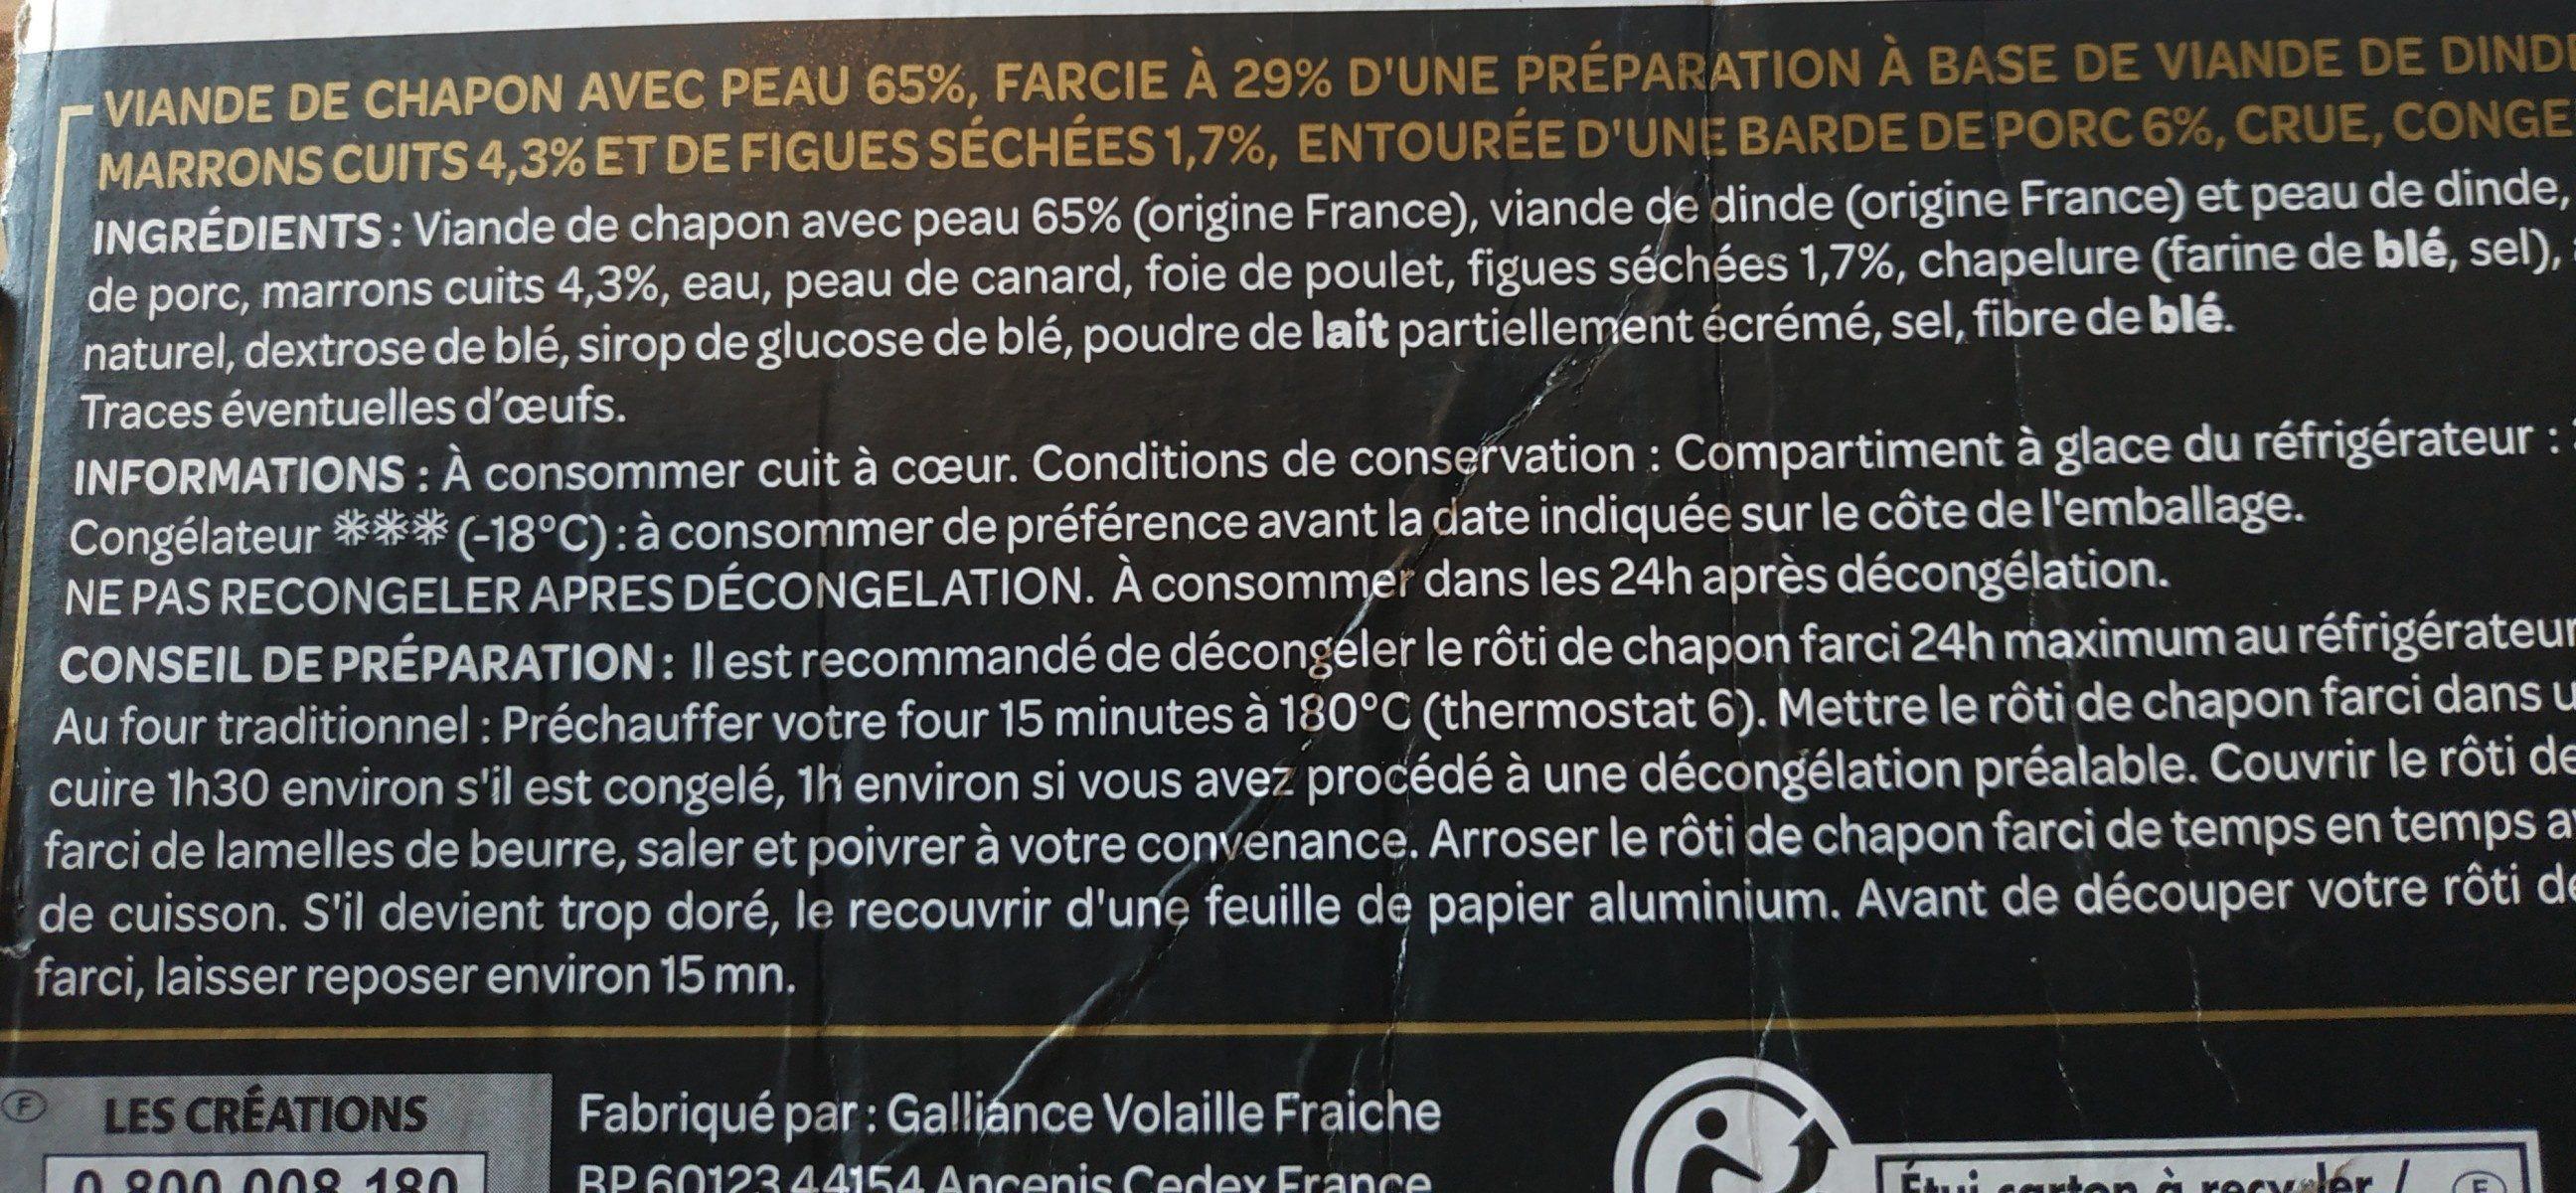 Rôti de chapon - Farce aux marrons et aux figues - congelé - Le Délicat - 800 g - Ingrédients - fr